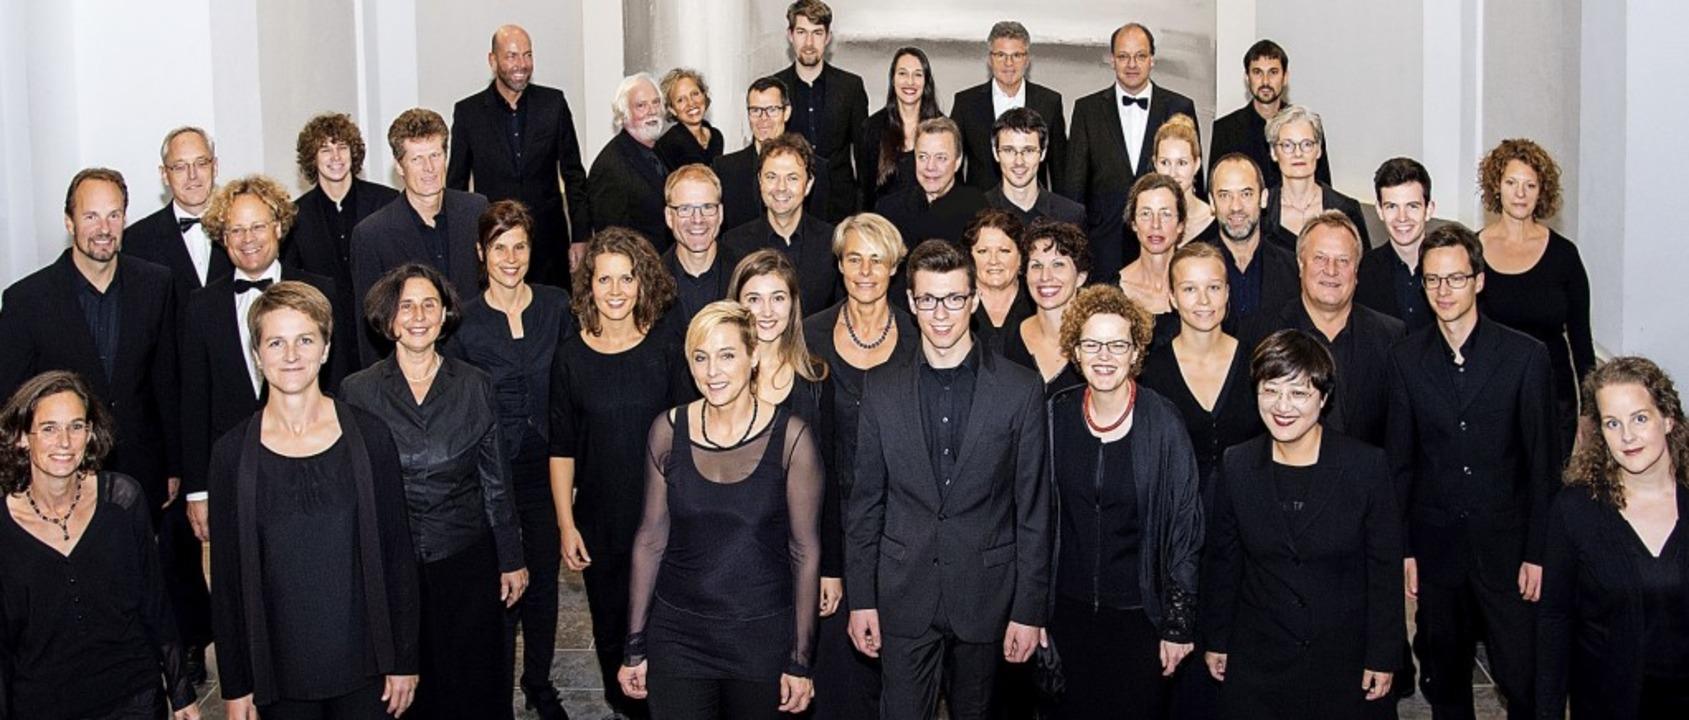 Immer wieder gern gehört: die Camerata Vocale Freiburg  | Foto: Ellen Schmauss